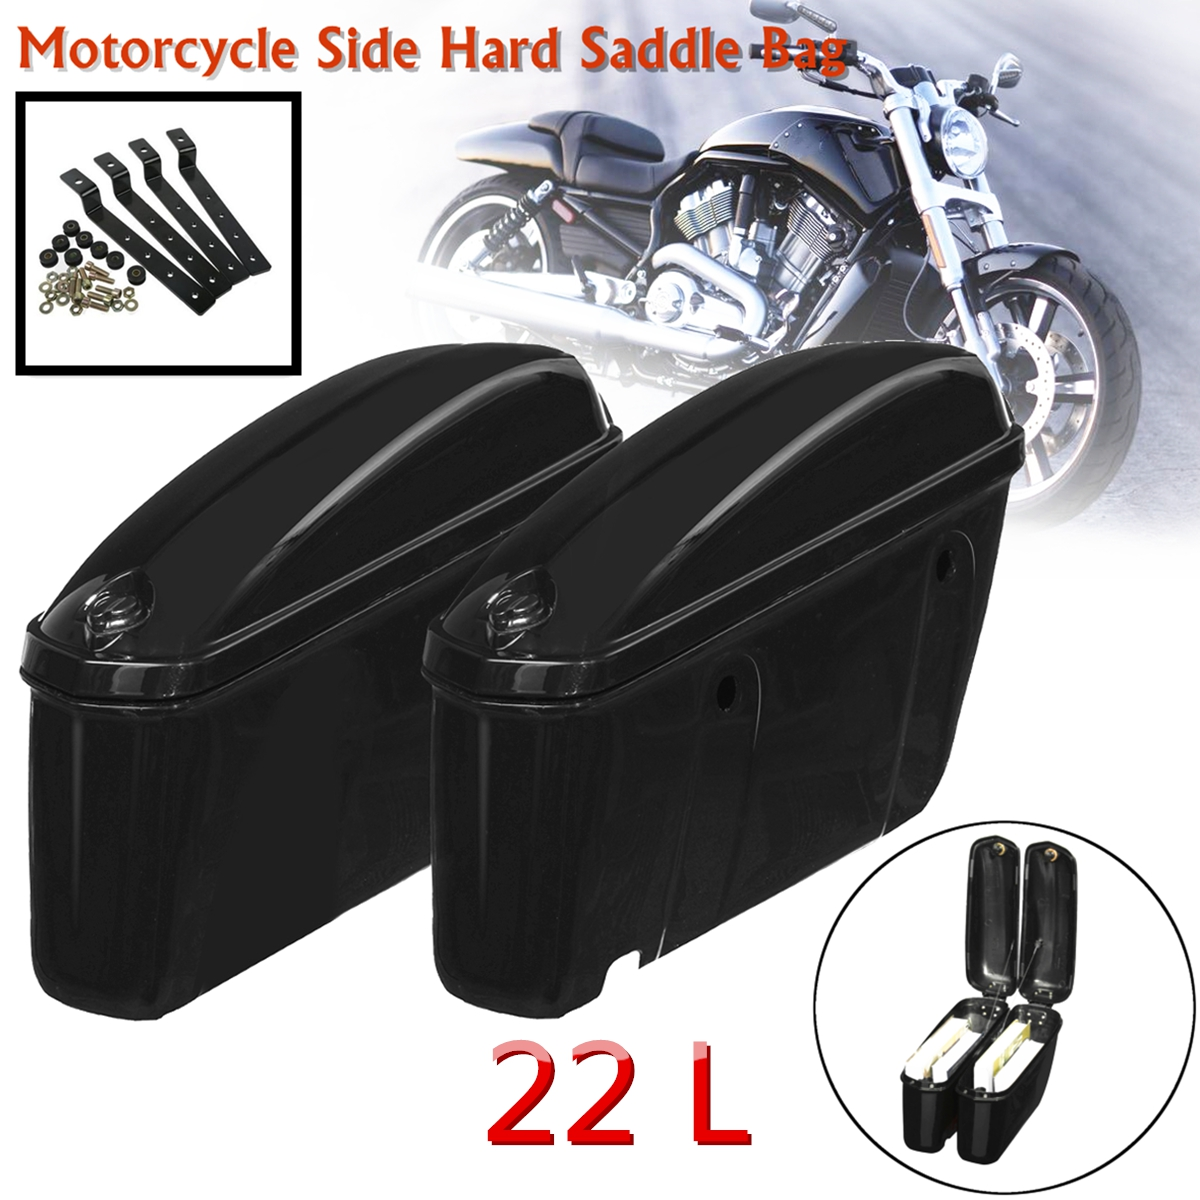 22L Black Motorcycle Side Hard Saddle Bags Saddlebags Trunk Luggage Suitcase for Honda/Harley/Yamaha/Suzuki Touring